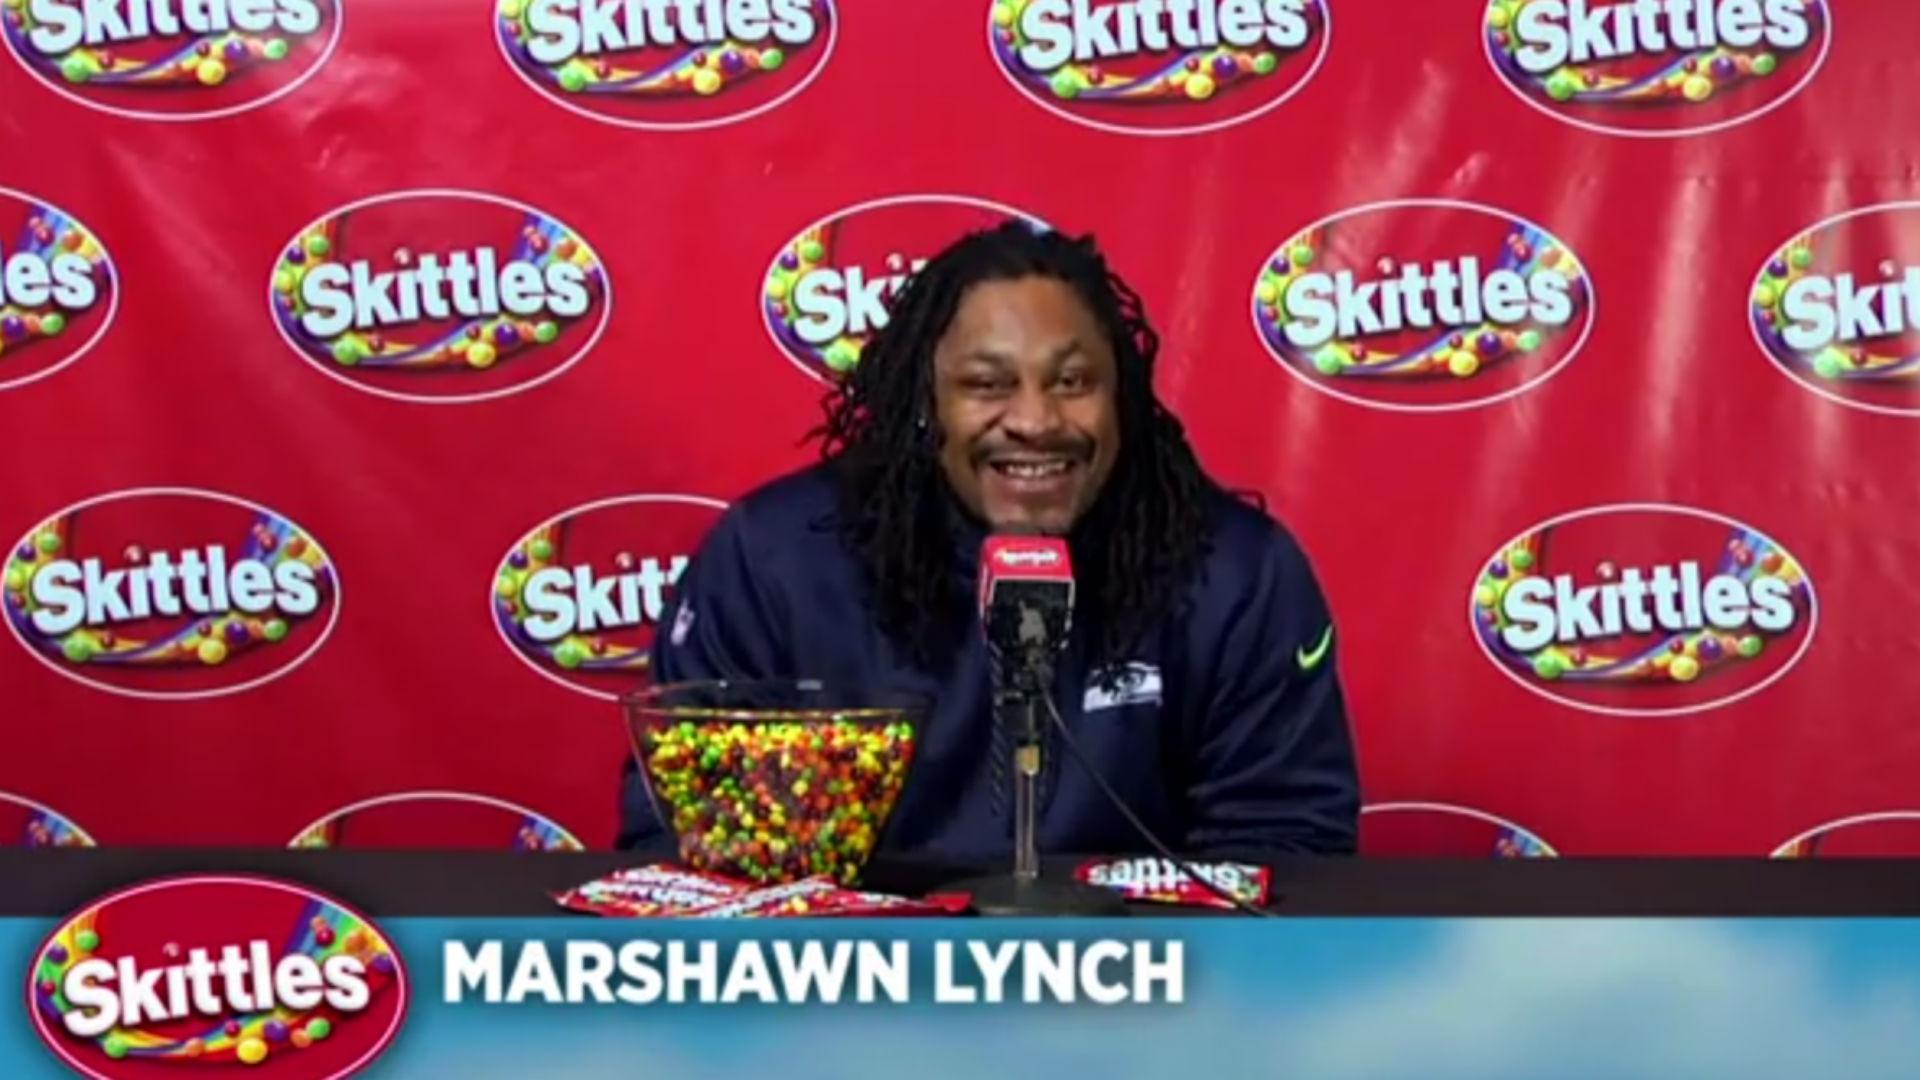 Marshawn Lynch Skittles Wallpaper